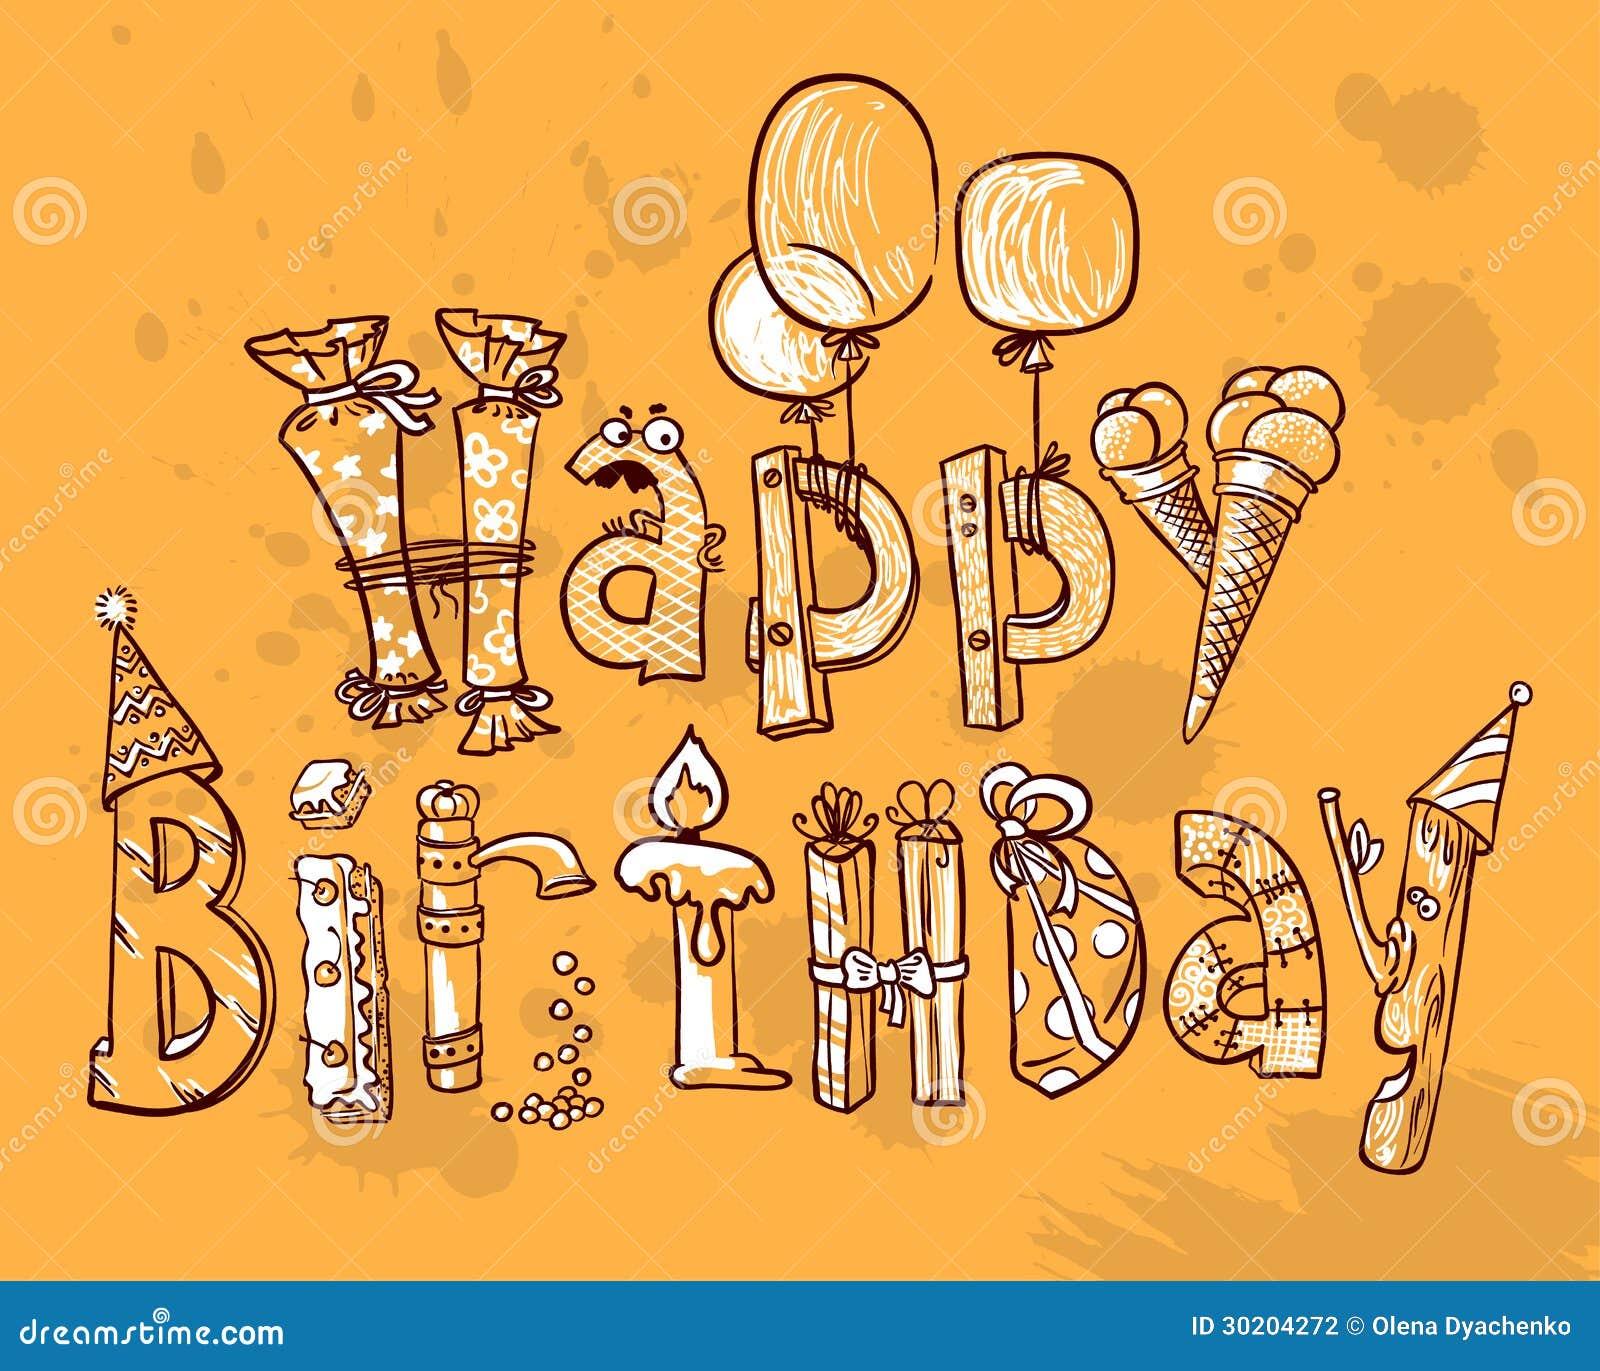 Joyeux anniversaire photographie stock image 30204272 - Photographie d art en ligne ...